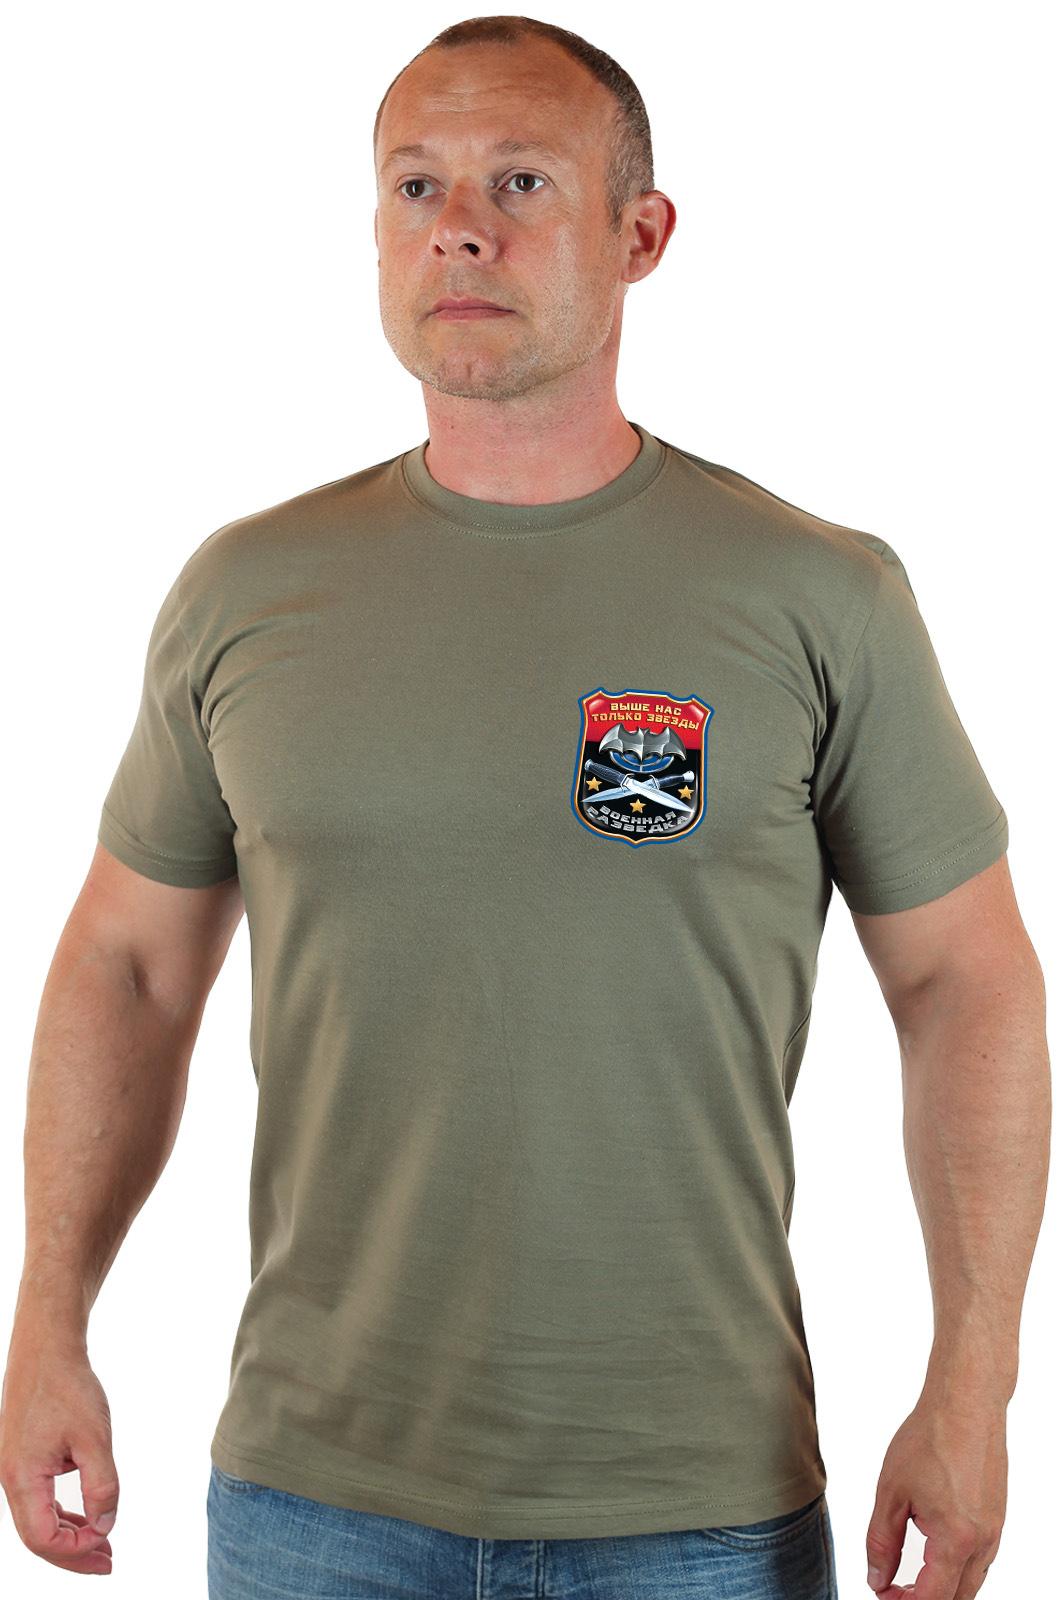 Купить футболку военного разведчика с девизом по низкой цене